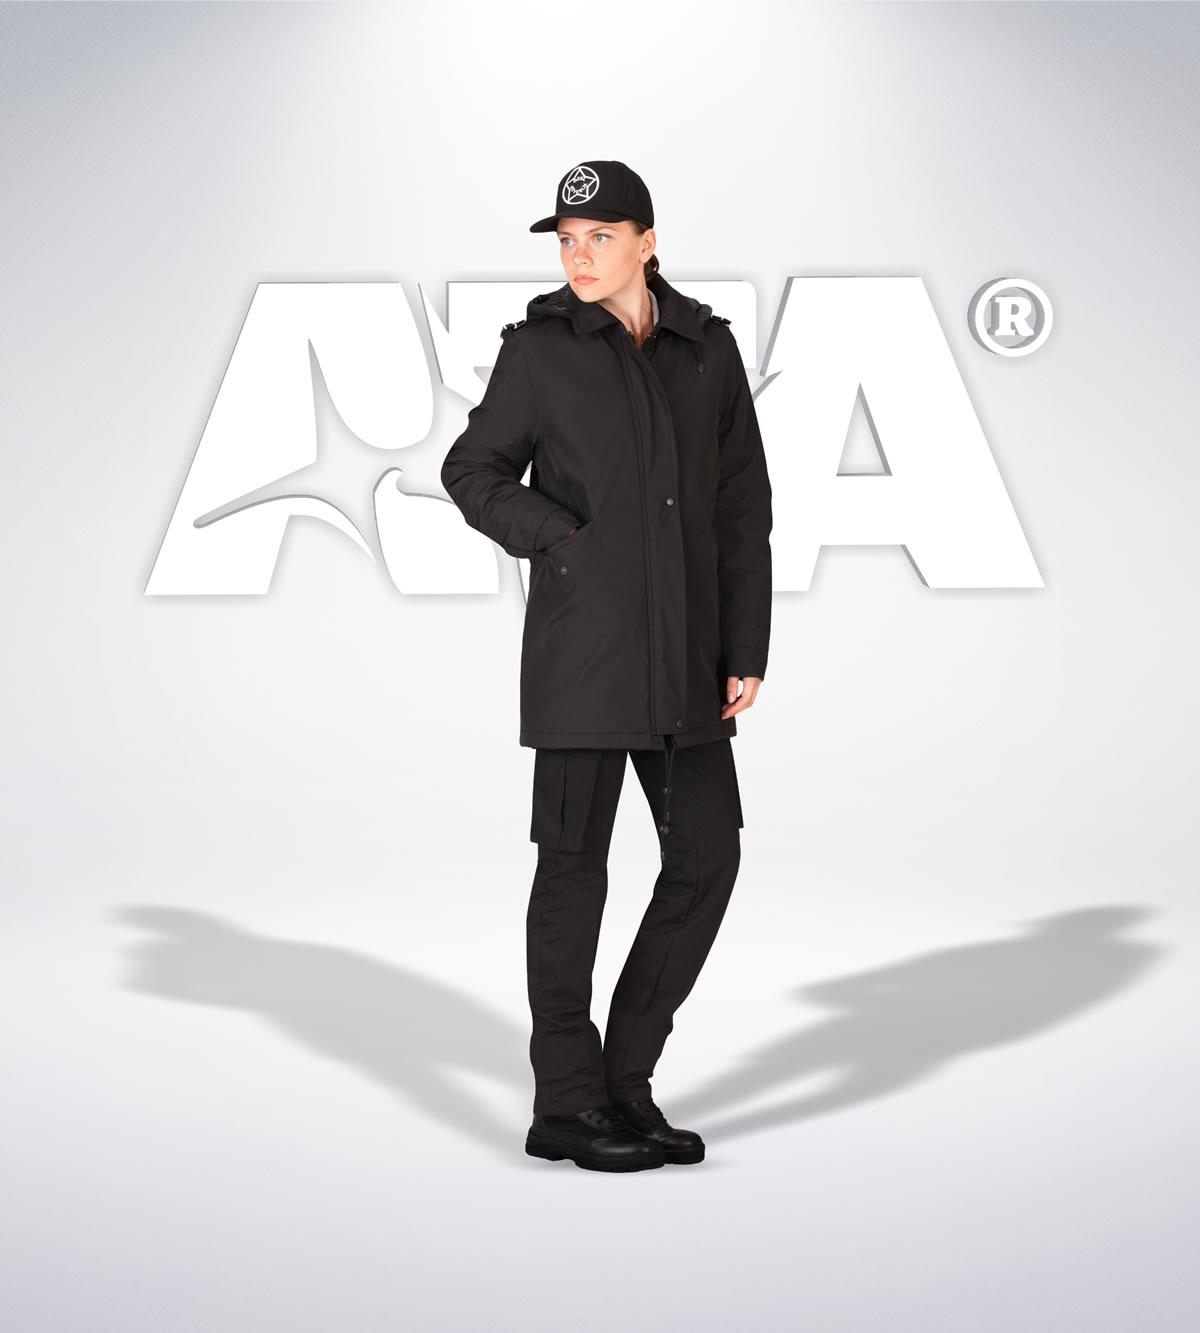 ATA 156 - ön - Pantolon kışlık - mont - reflektör-aksesuar - güvenlik elbiseleri | güvenlik üniformaları | güvenlik kıyafetleri